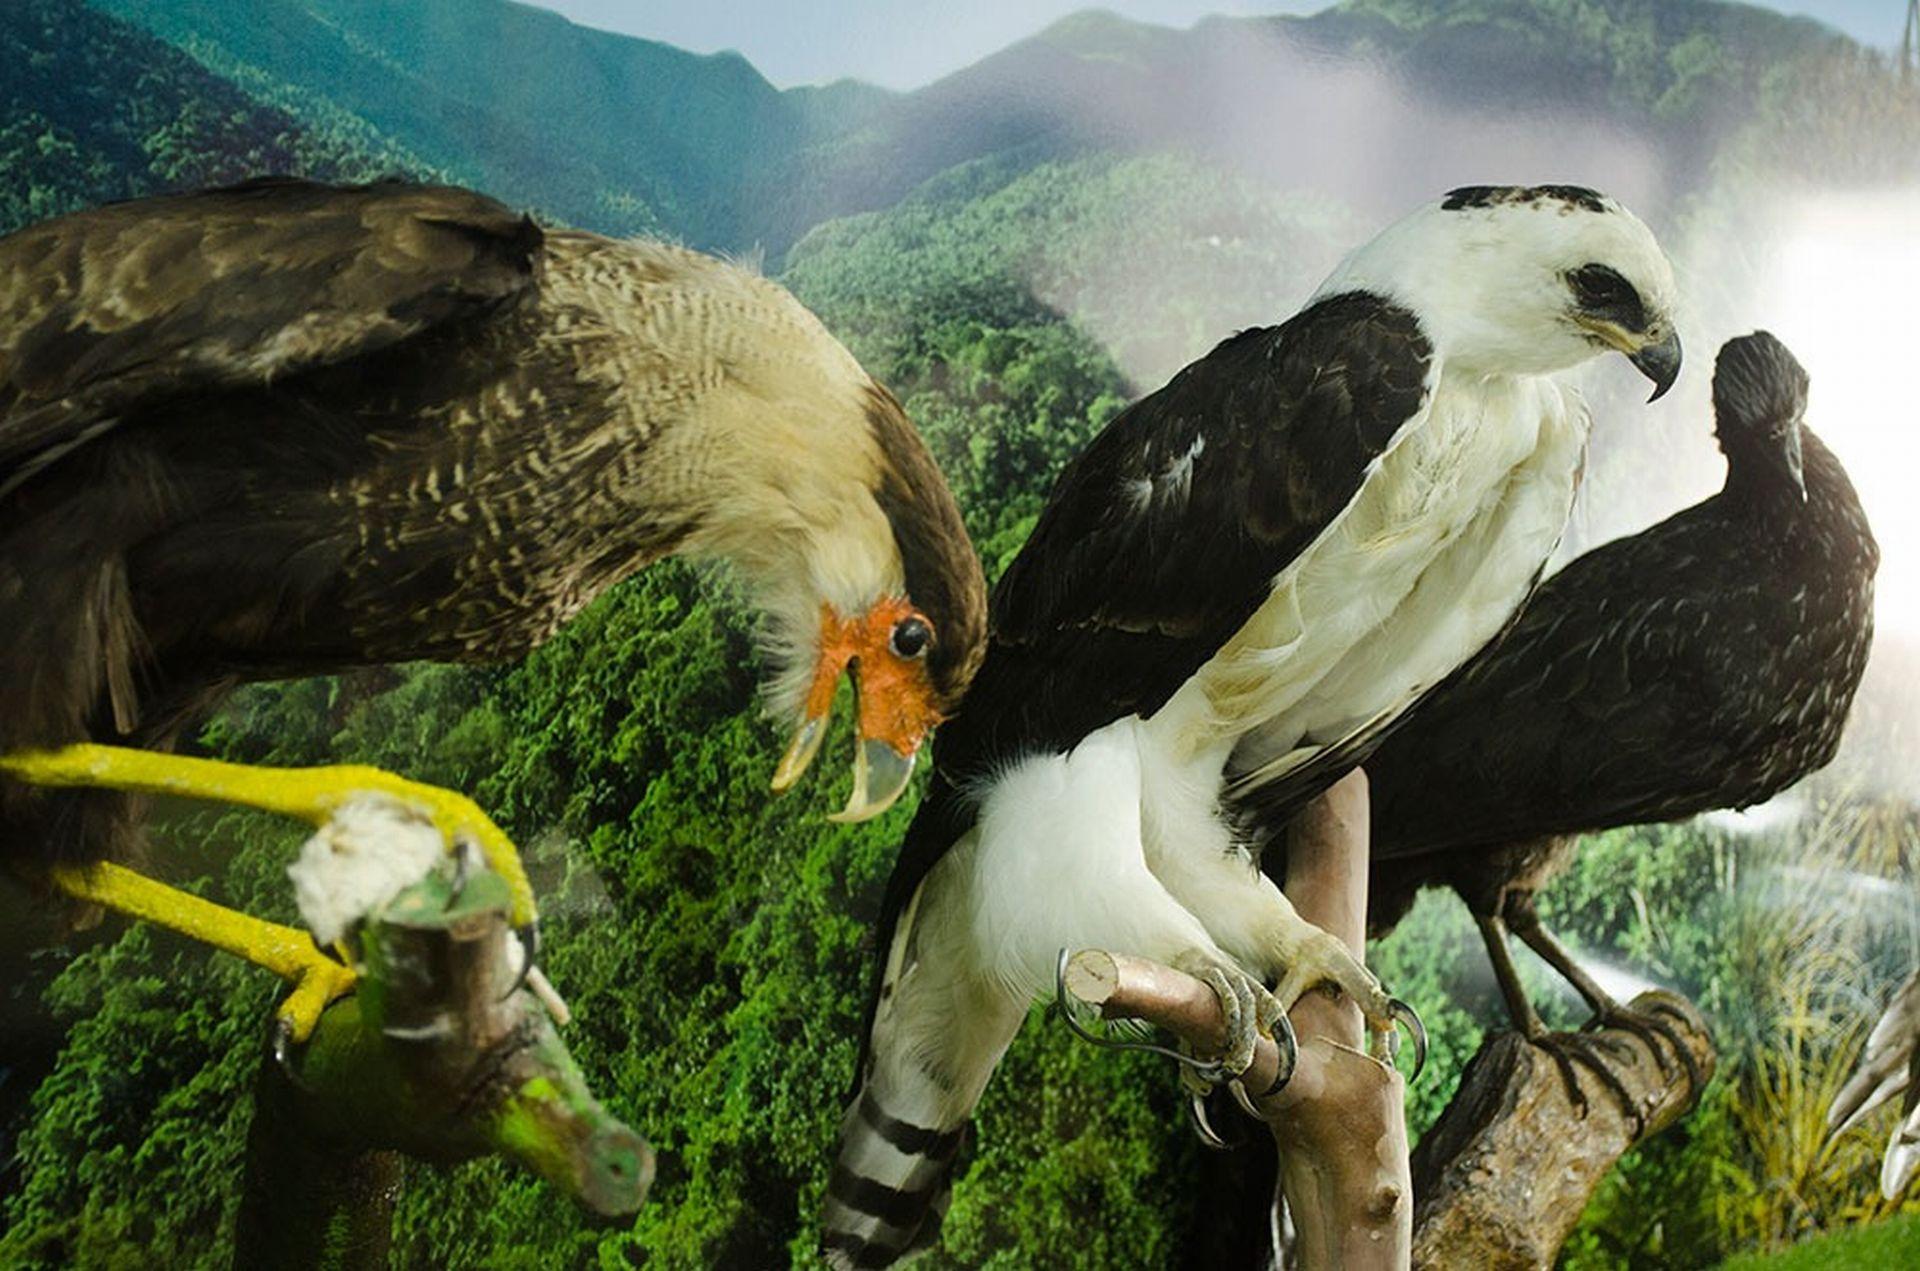 Mais de 60 espécies estão disponíveis para visitação no tour gratuito. Foto: divulgação.